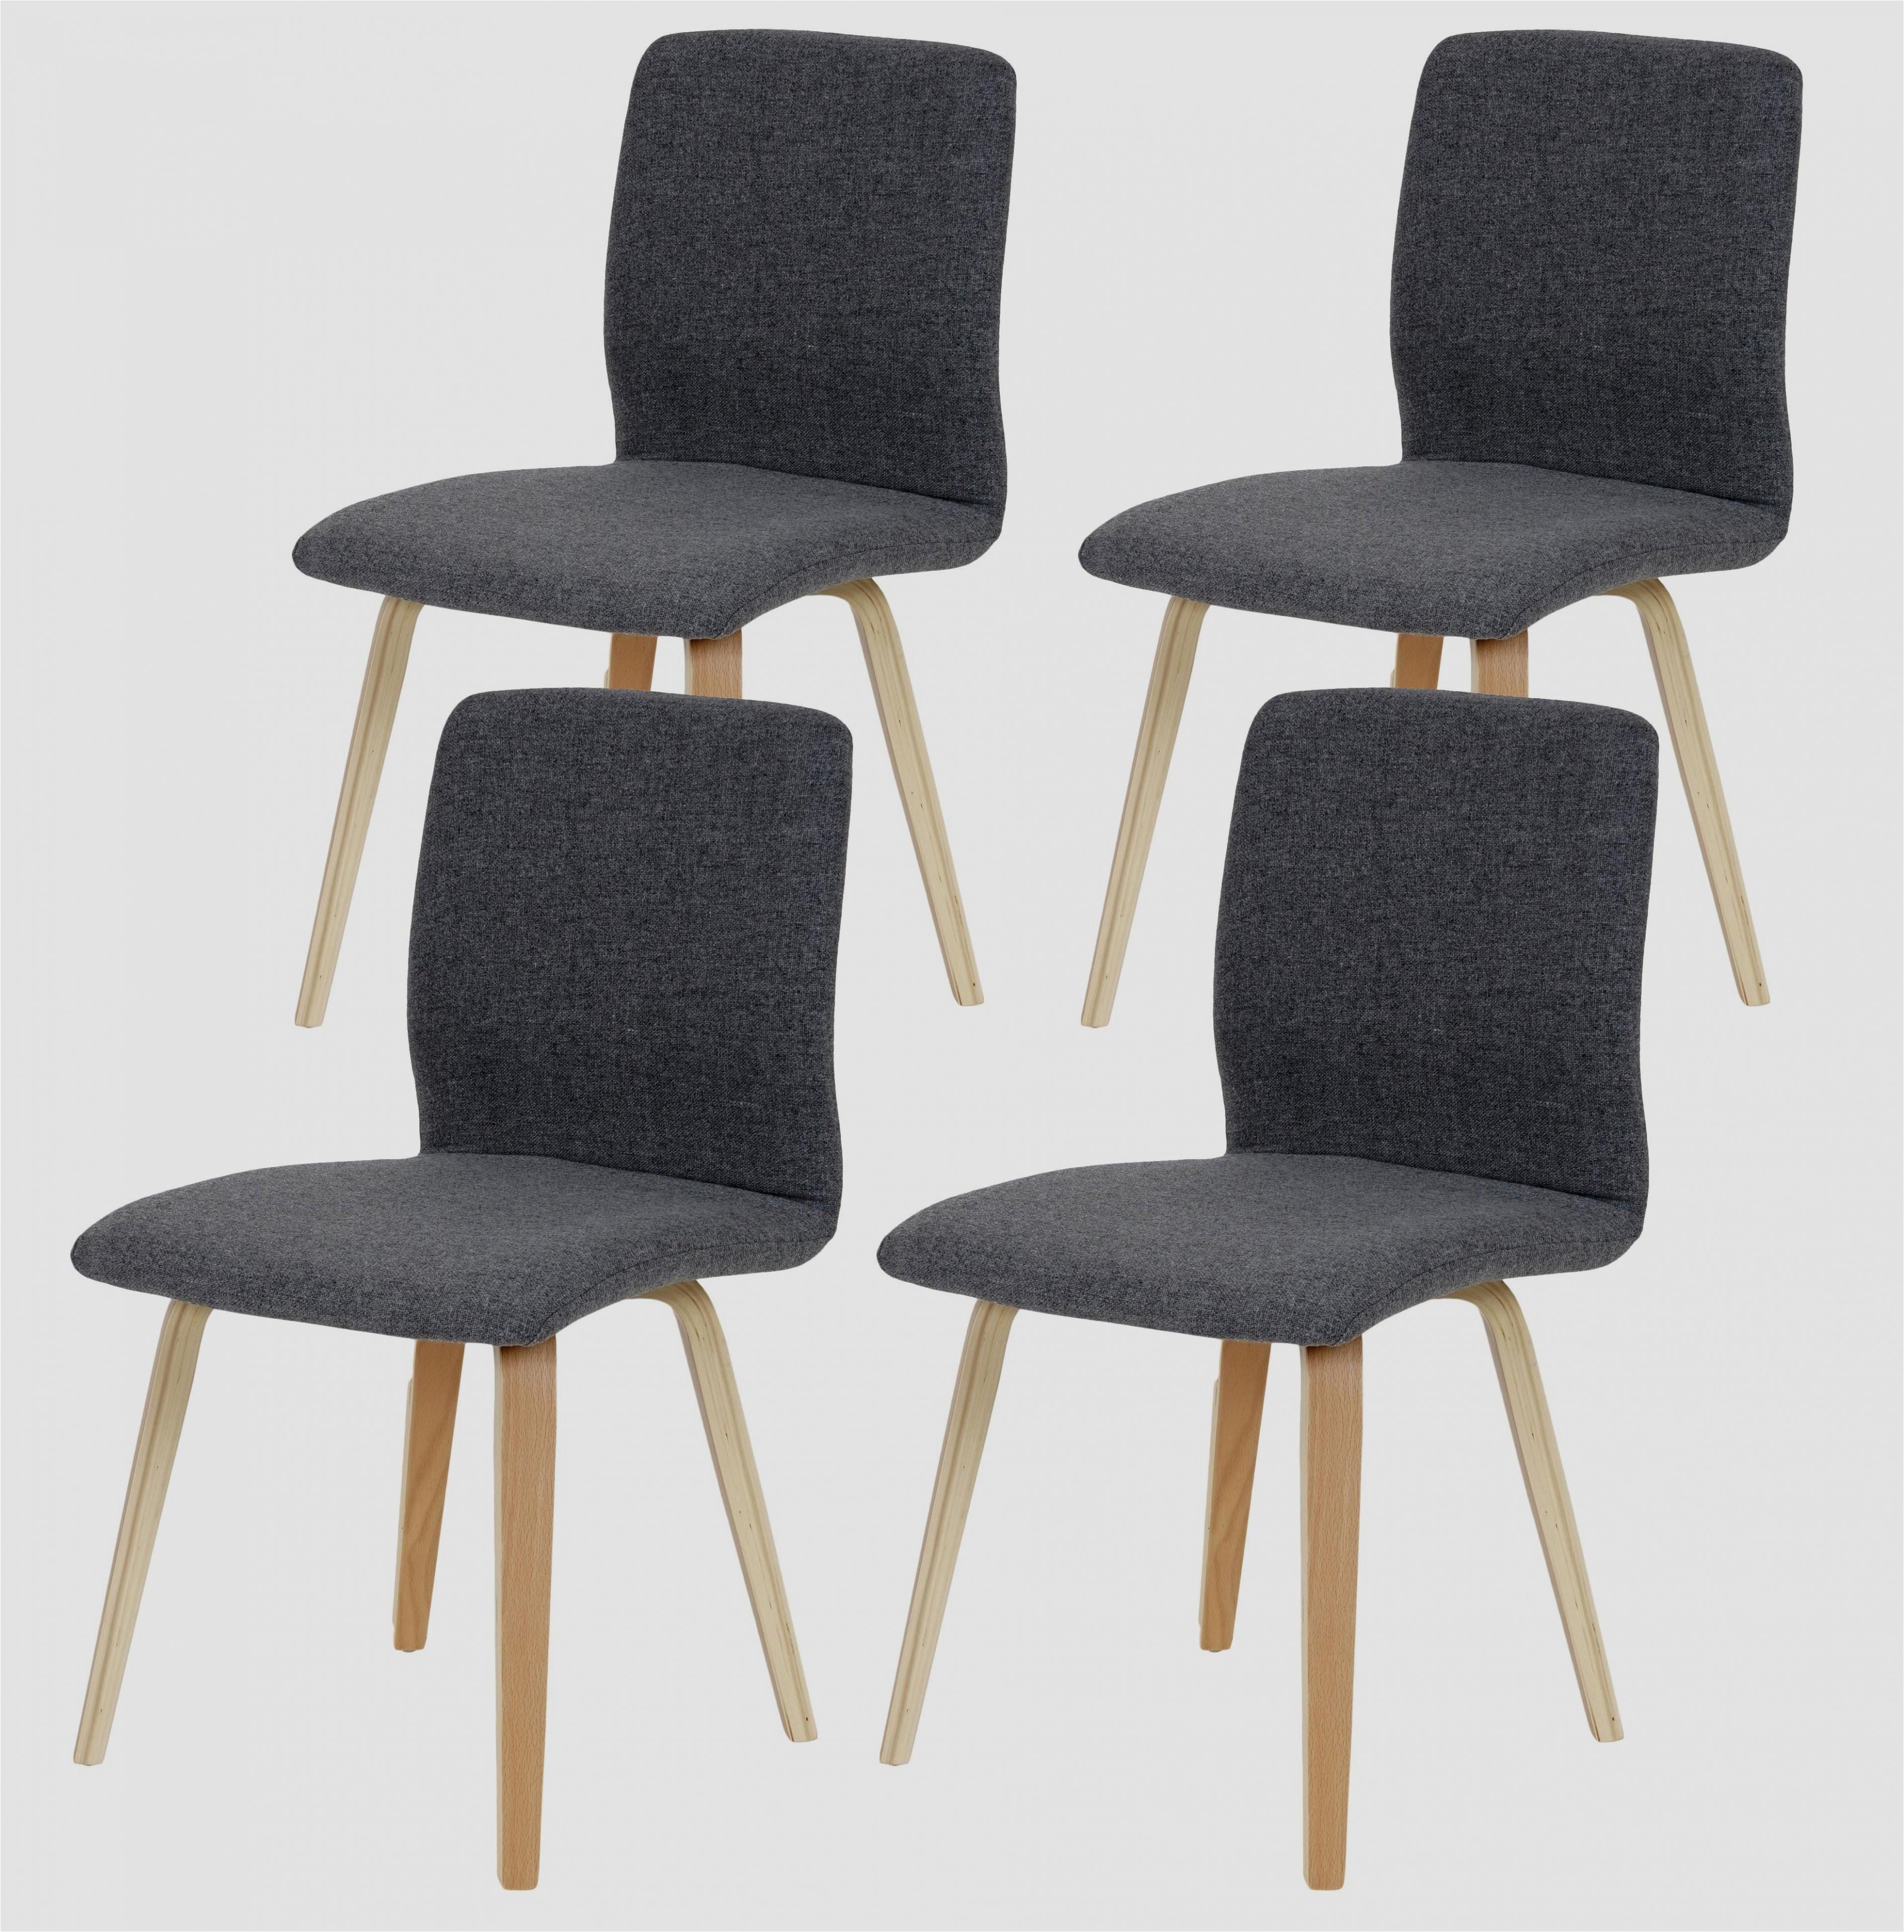 lote sillas de cocina o edor dusty estructura y patas en madera de haya with sillas